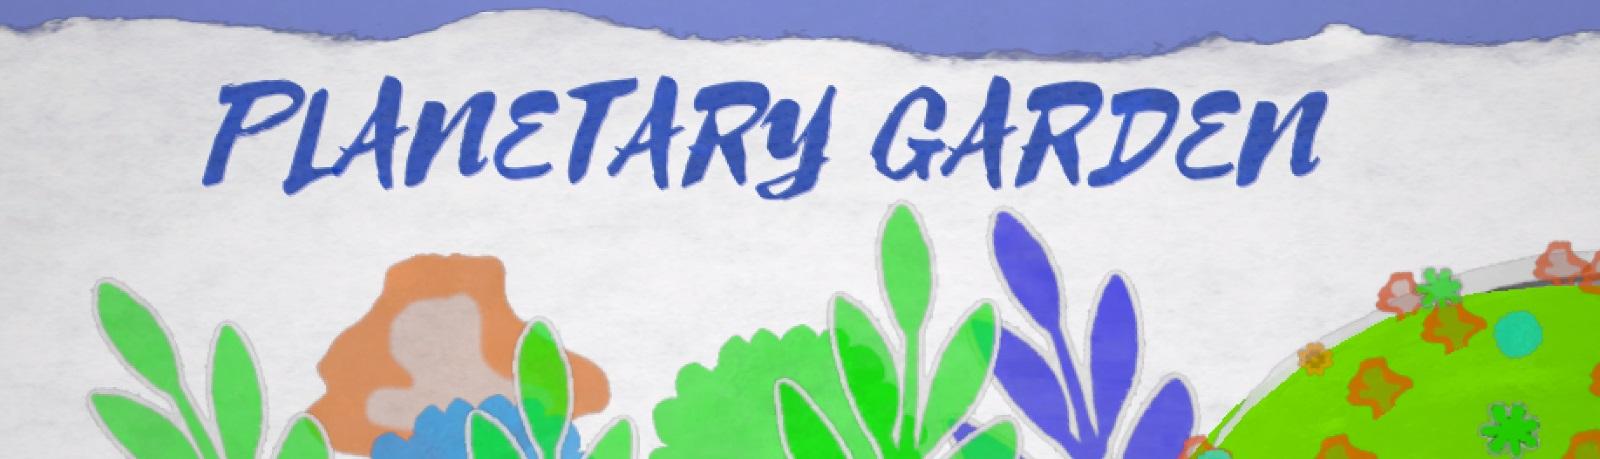 Planetary Garden